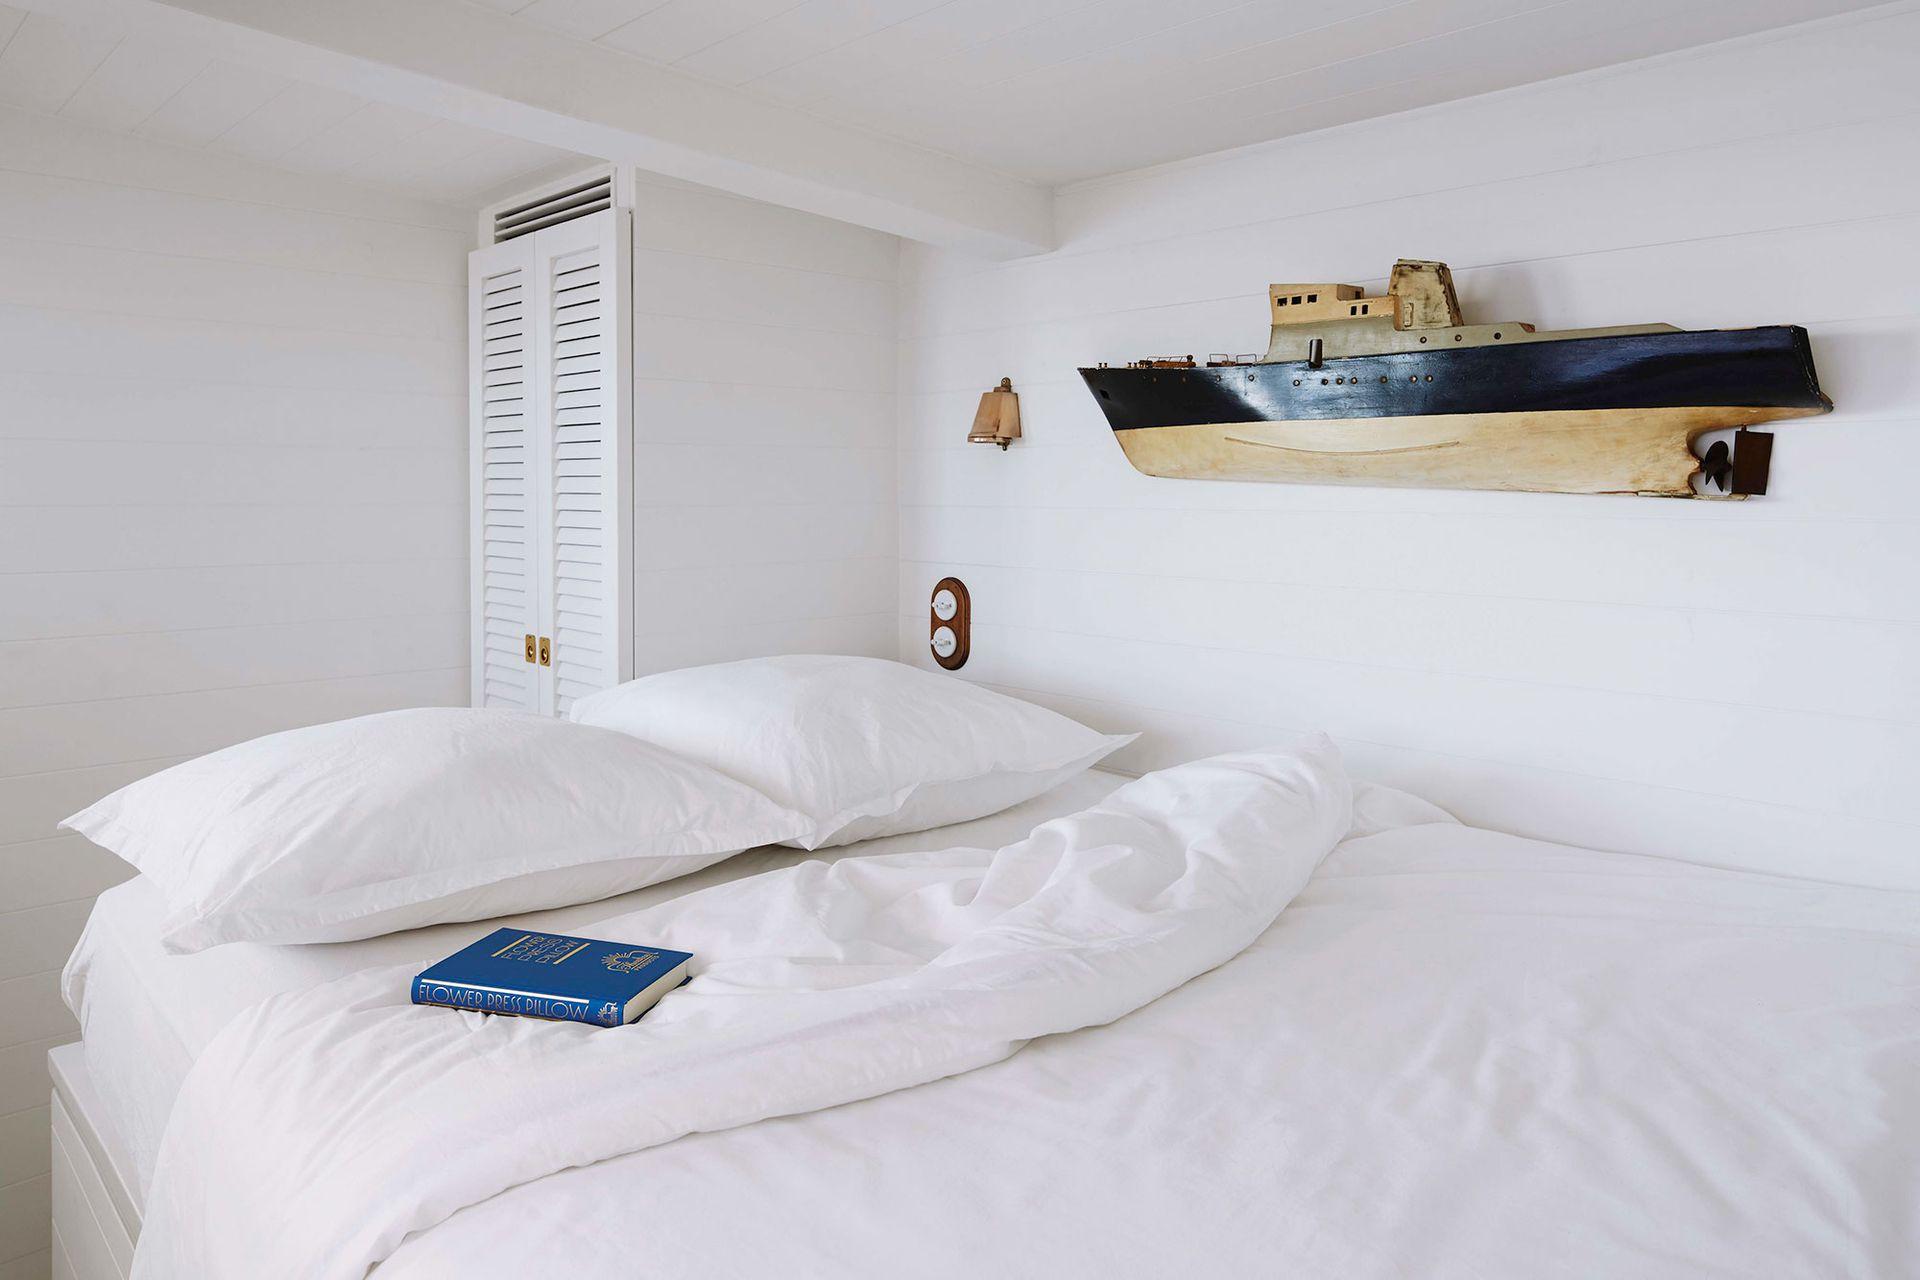 Este dormitorio, como el resto del espacio, fue revestido con madera pintada de blanco para una sensación de pulcritud general y también de desahogo a pesar de lo bajo del cielo raso.